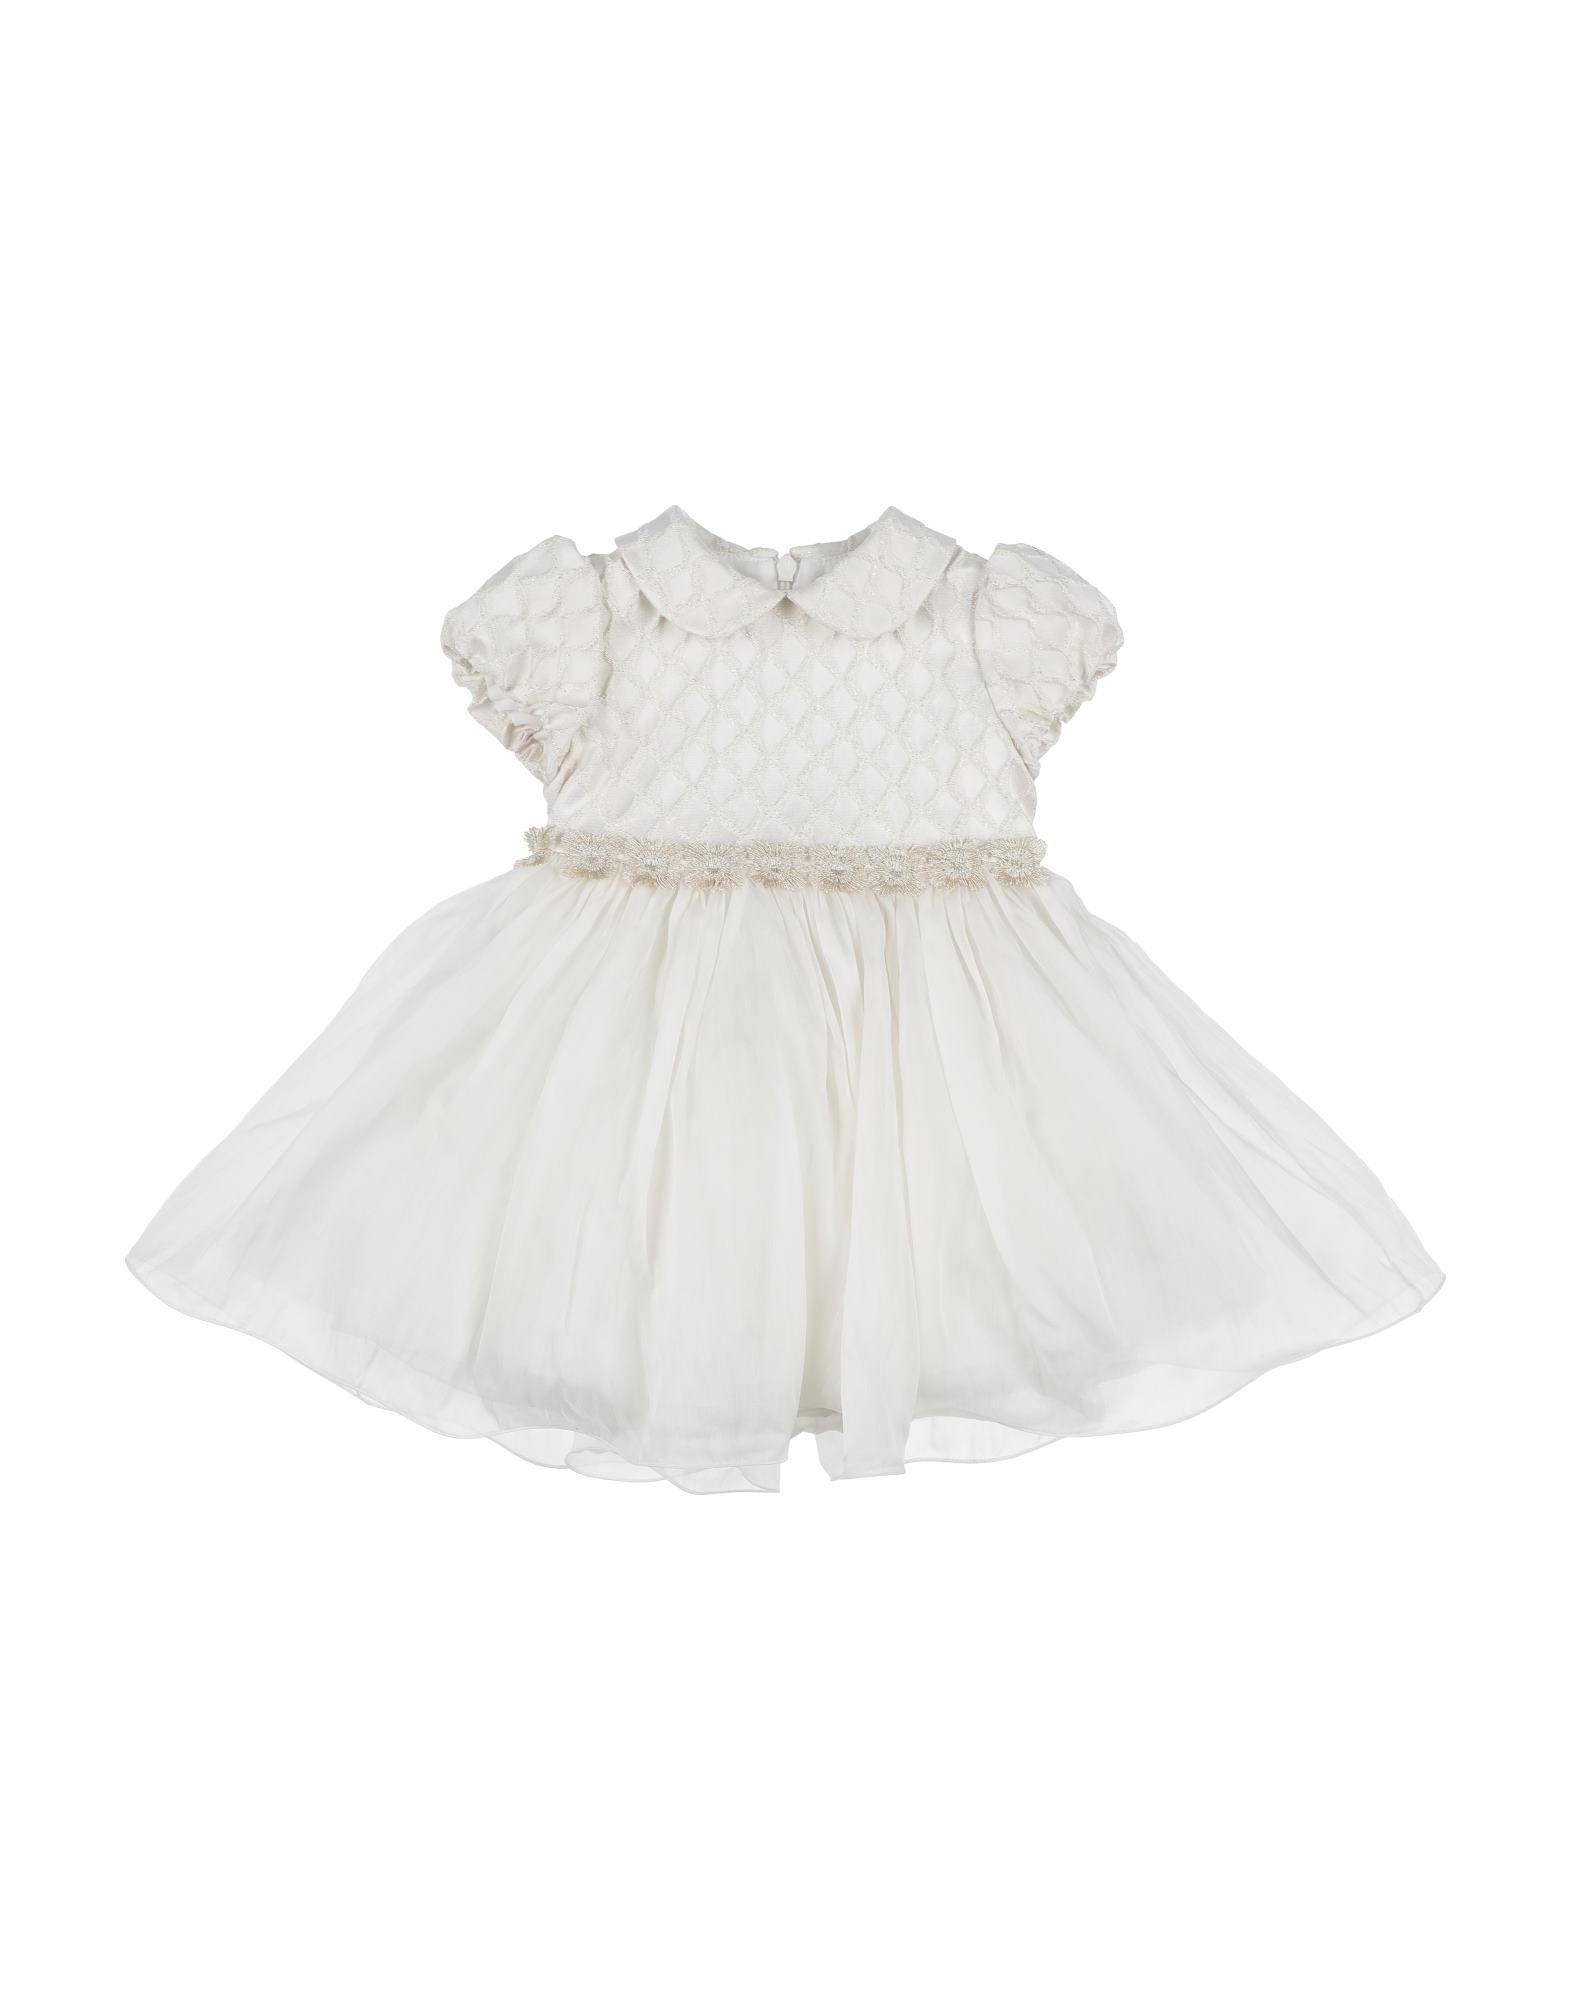 COLORICHIARI Dresses - Item 49597581